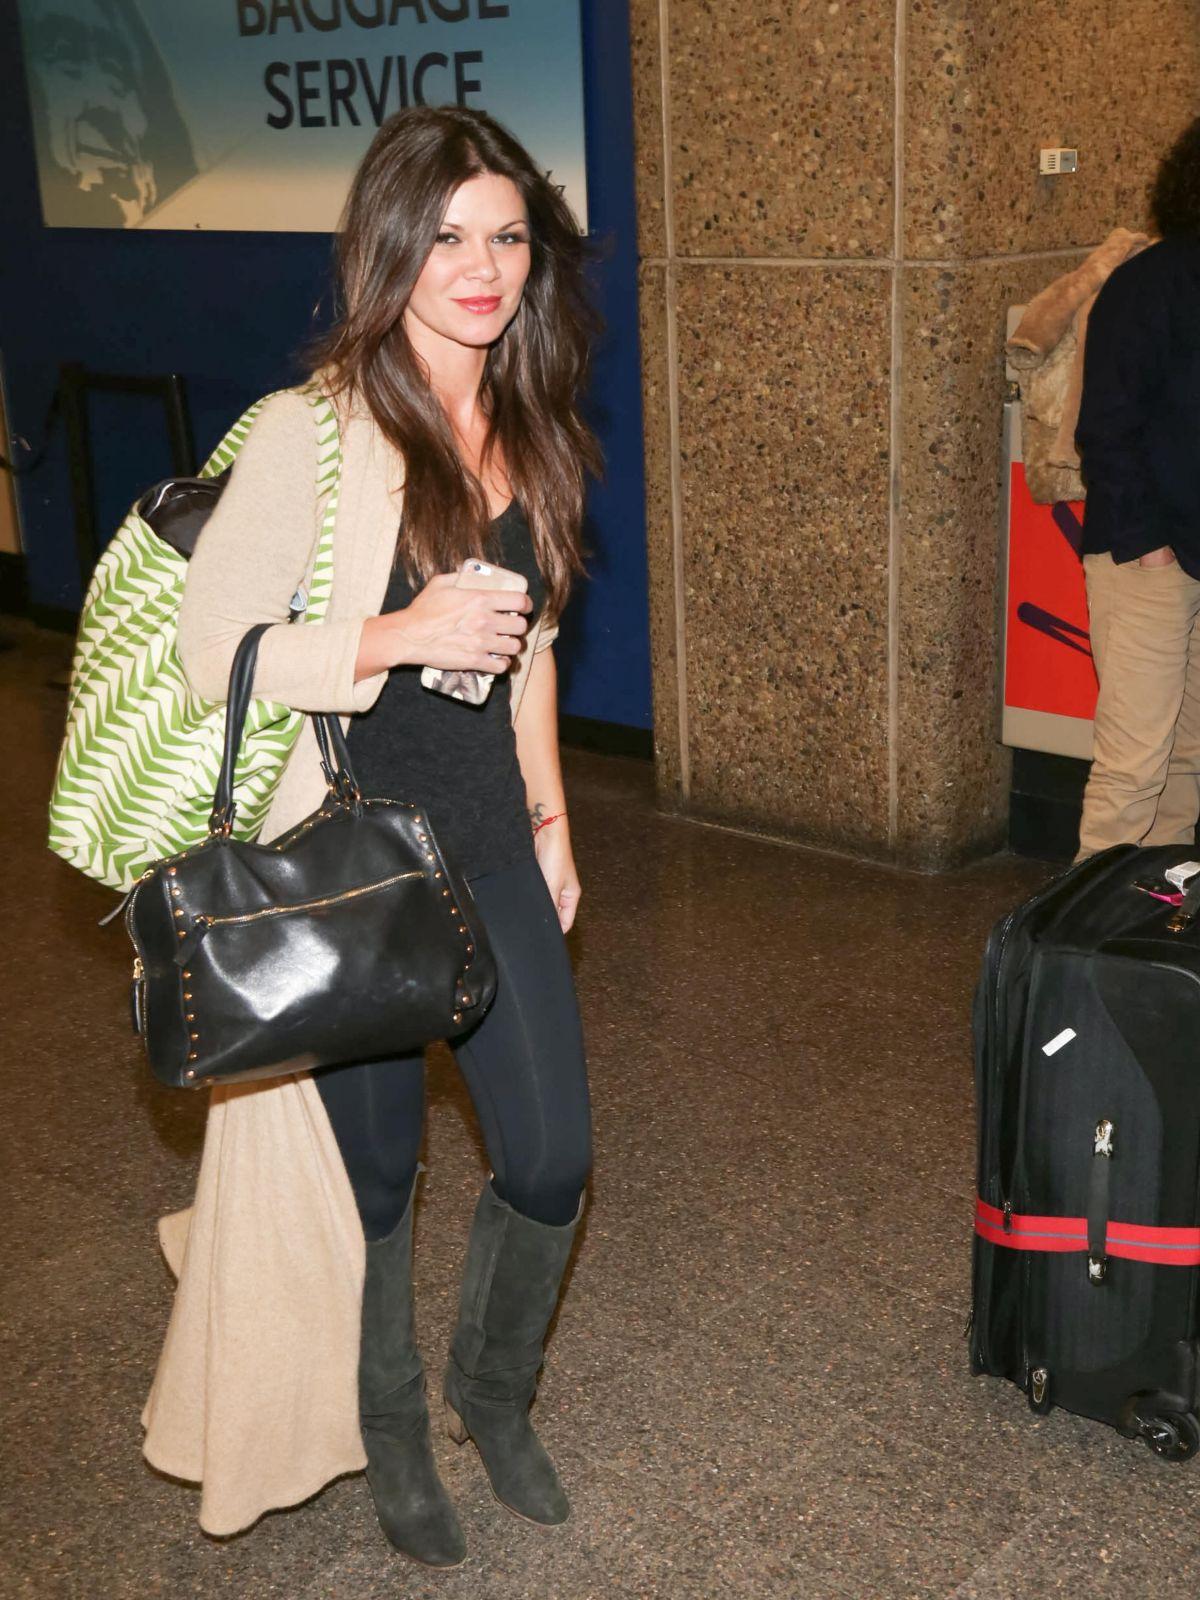 DANIELLE VASINOVA Arrives at SLC Airport for Sundance Film Festival 01/21/2016